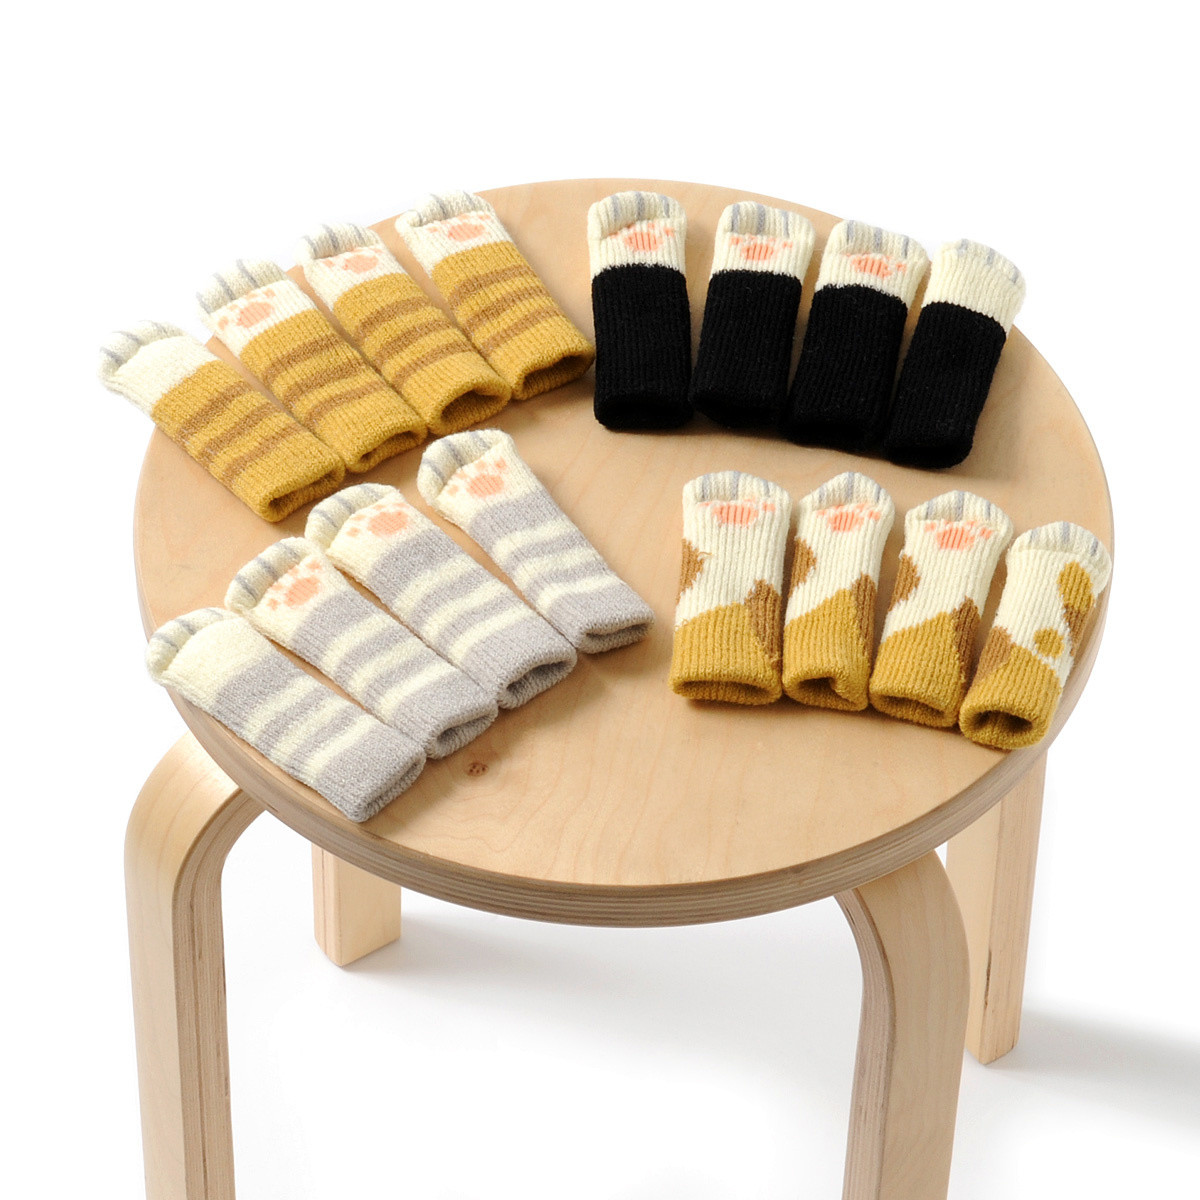 Nekoashi Chair Socks | Tokyo Otaku Mode Shop